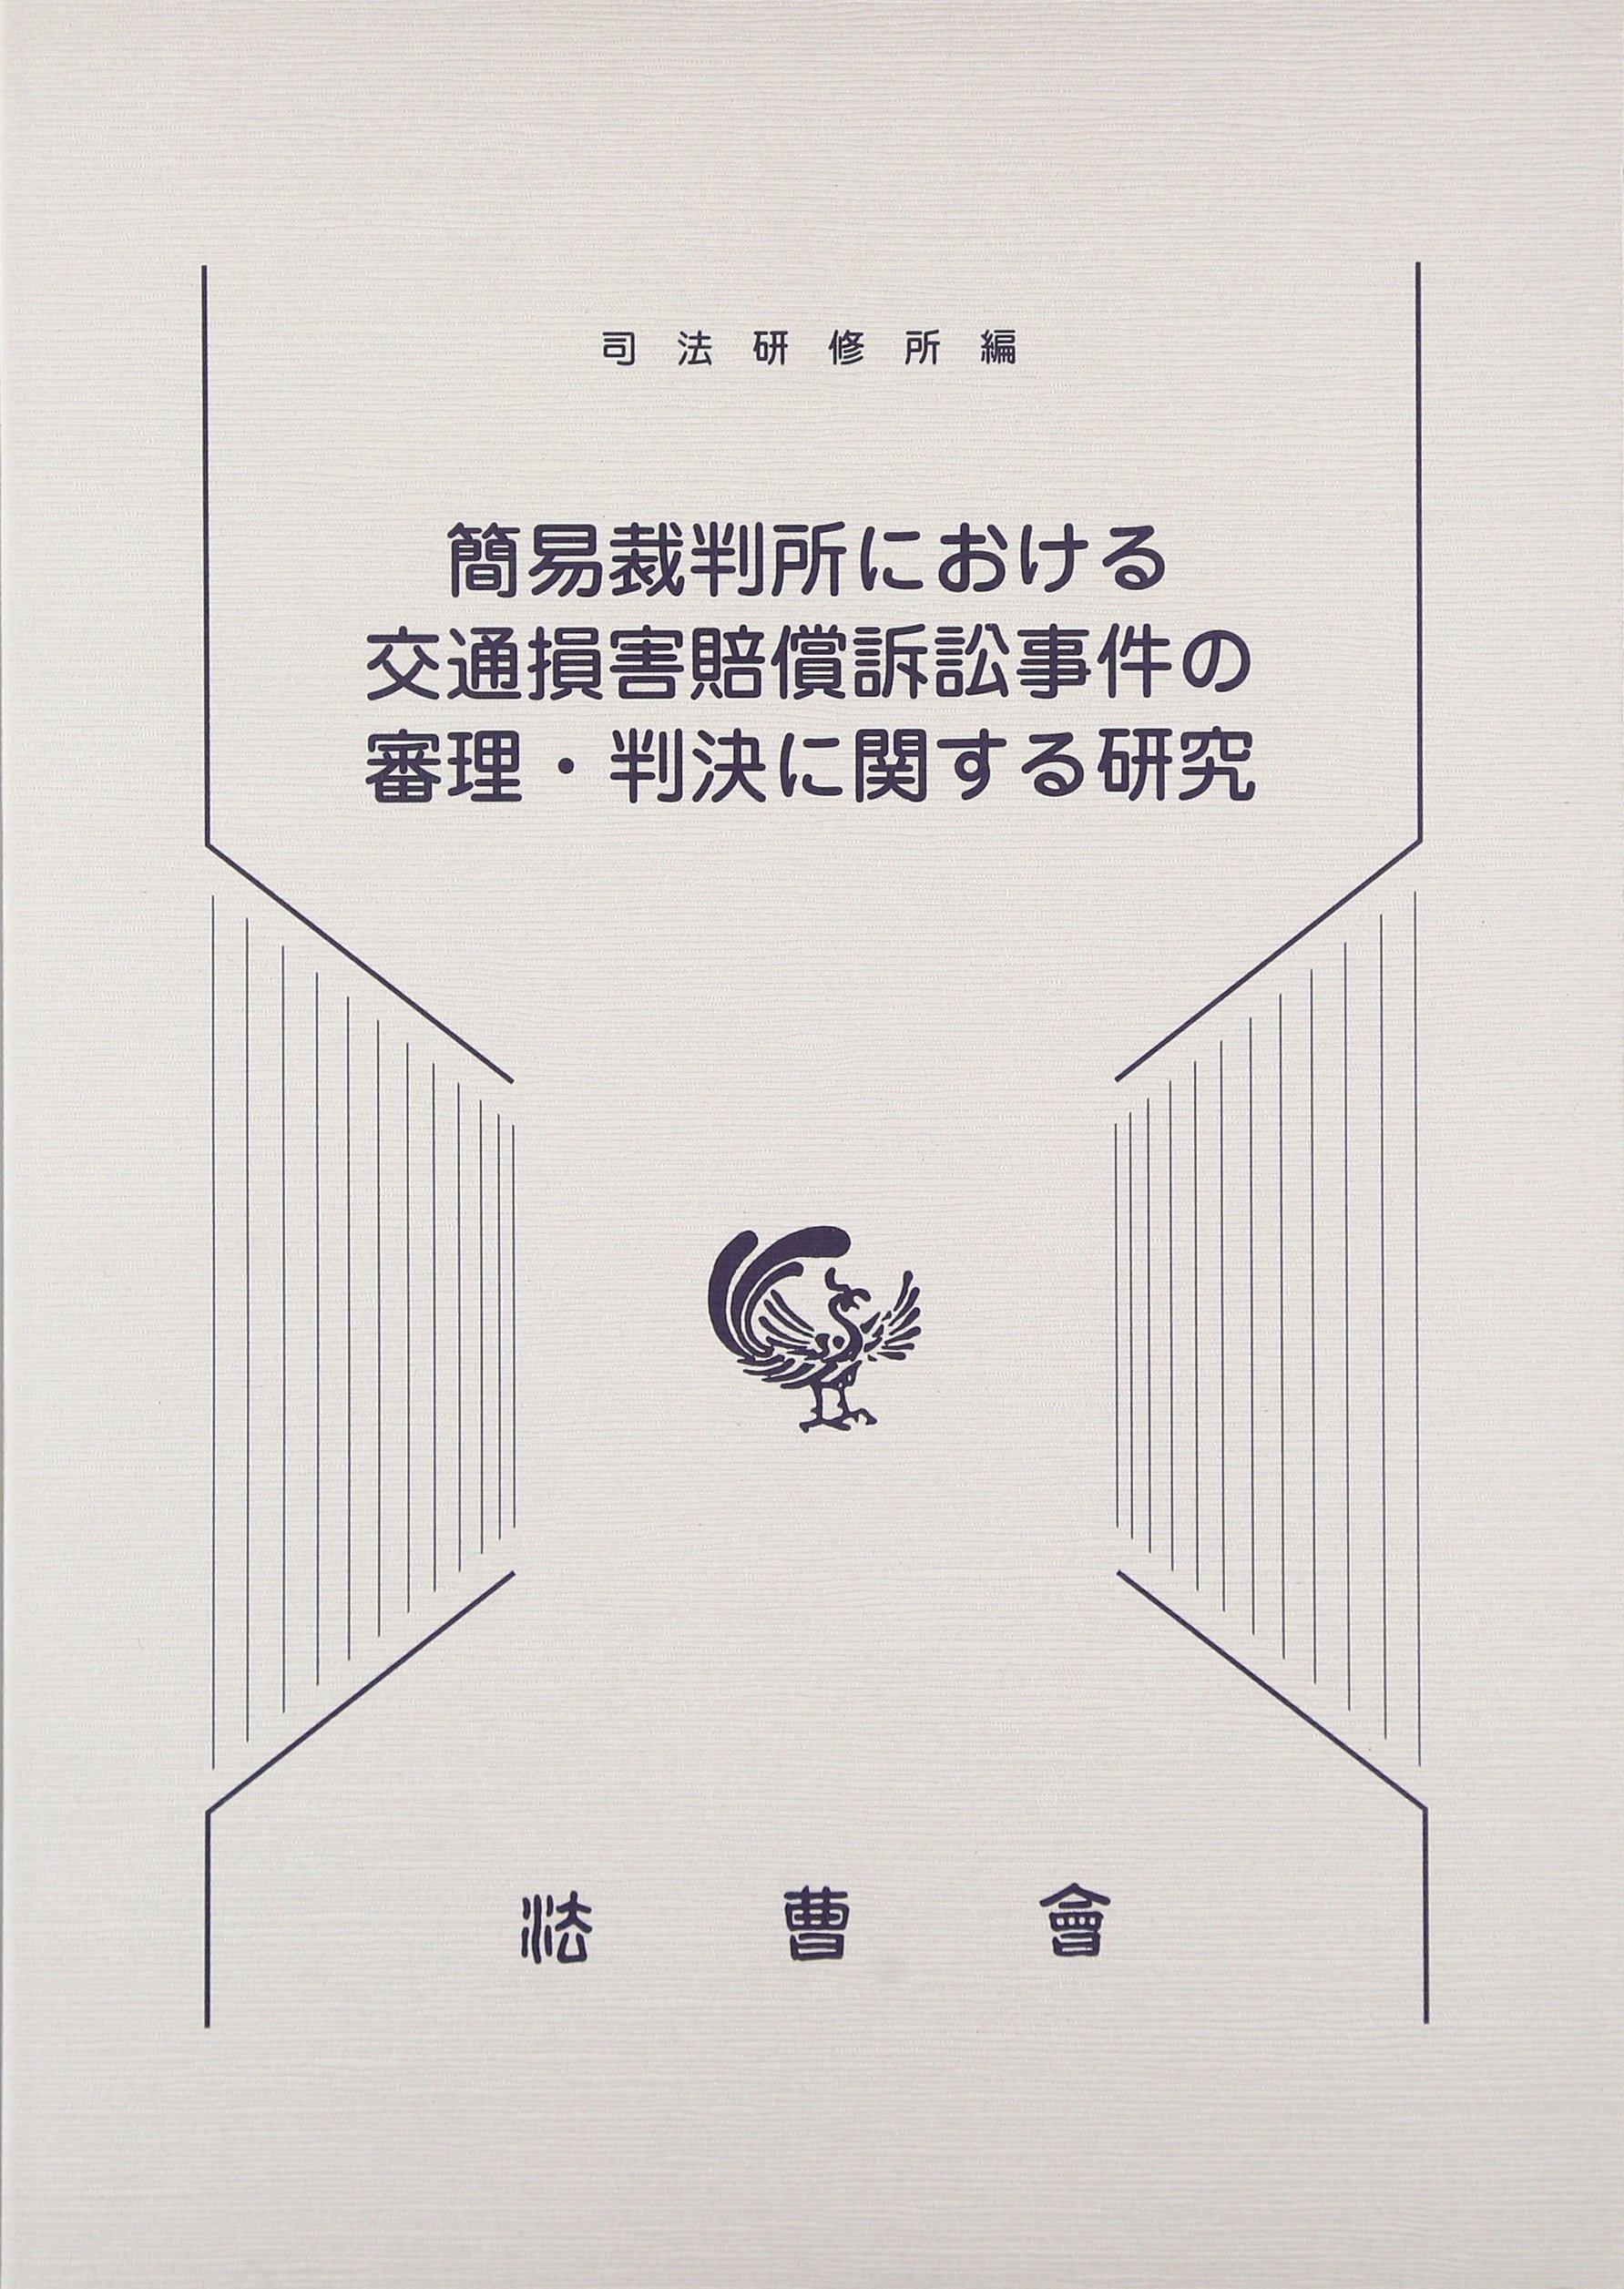 簡易裁判所における交通損害賠償...